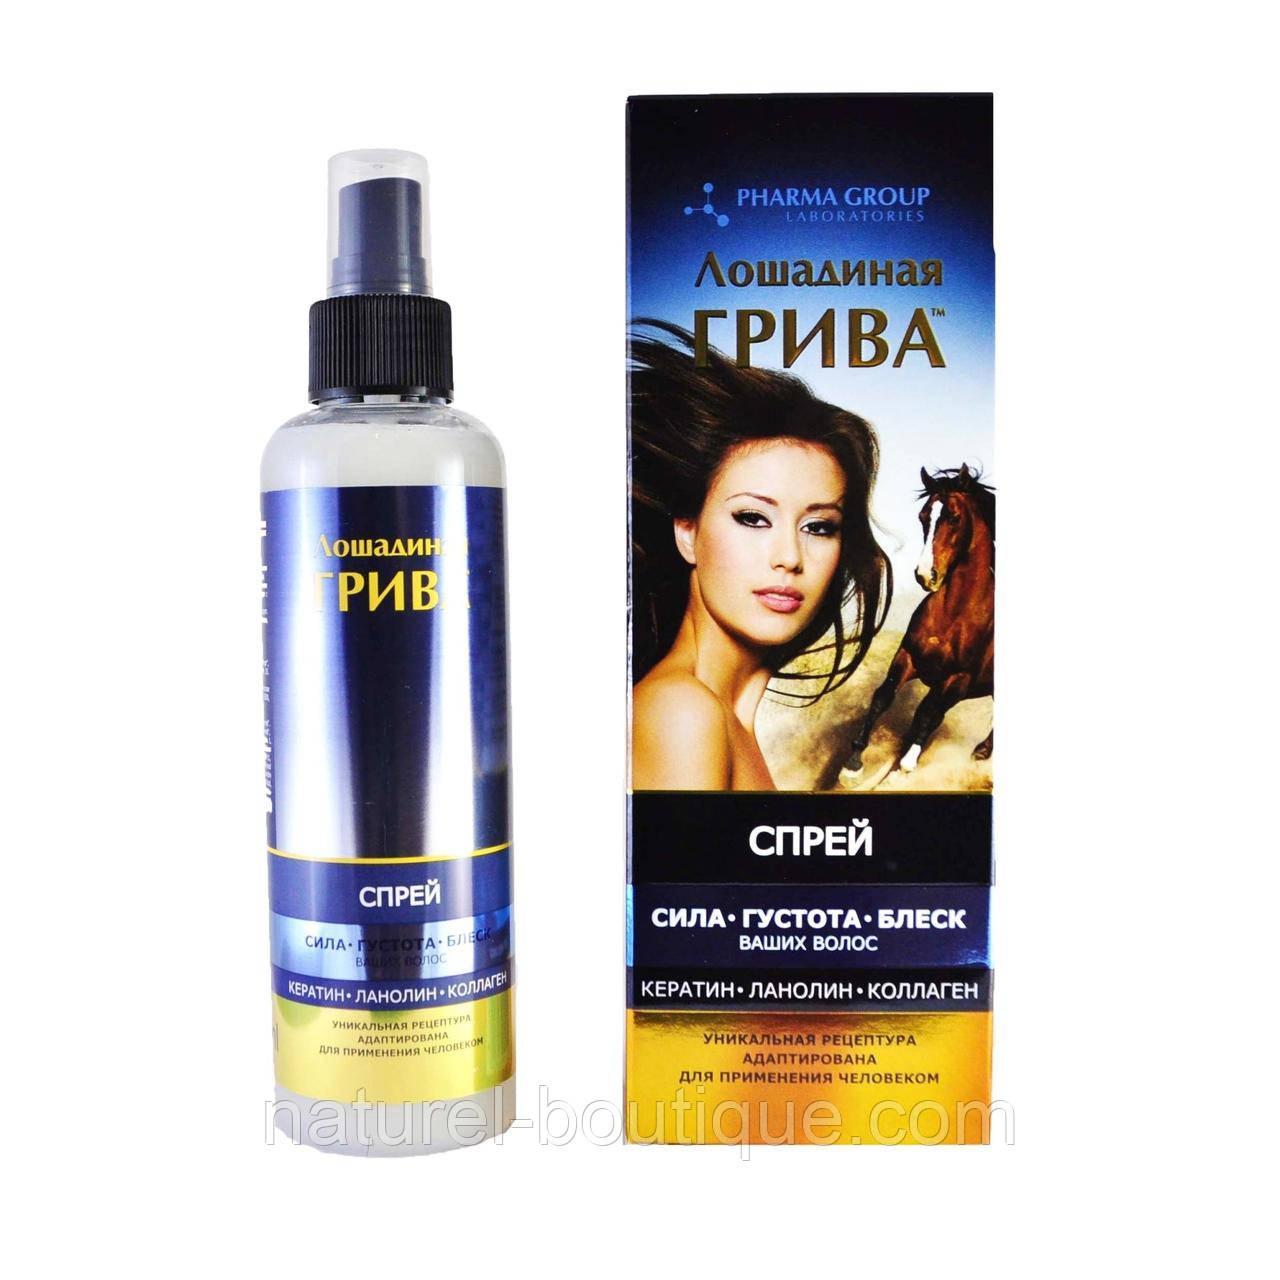 Зміцнюючий спрей Pharma Group Кінська Грива для волосся